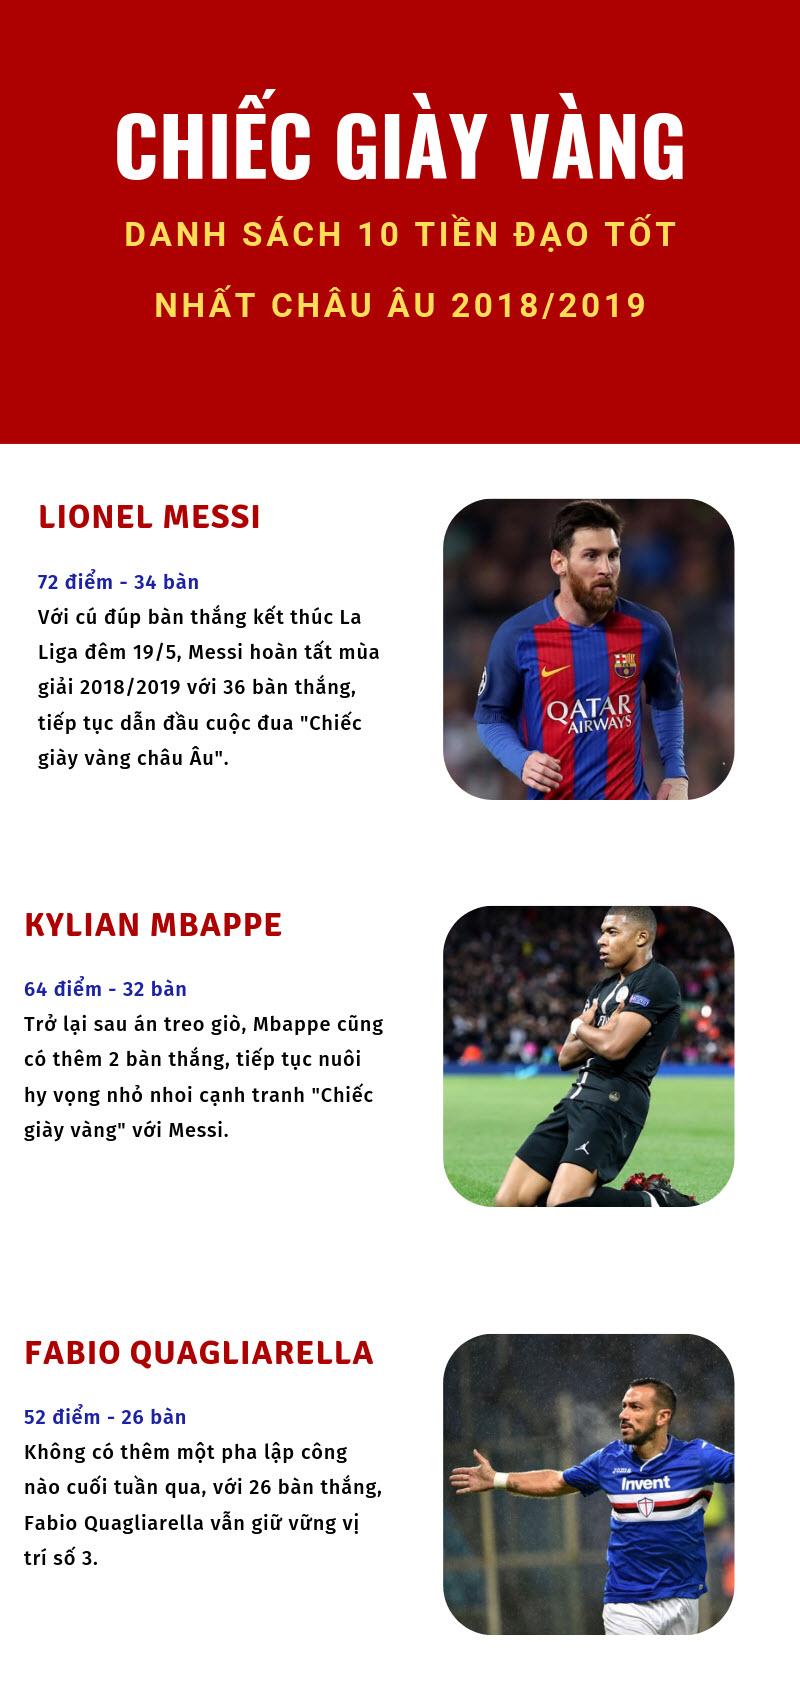 Cá cược bóng đá - Cuộc đua Top 10 chiếc giày vàng Châu Âu 2019-Dafabet Link 1